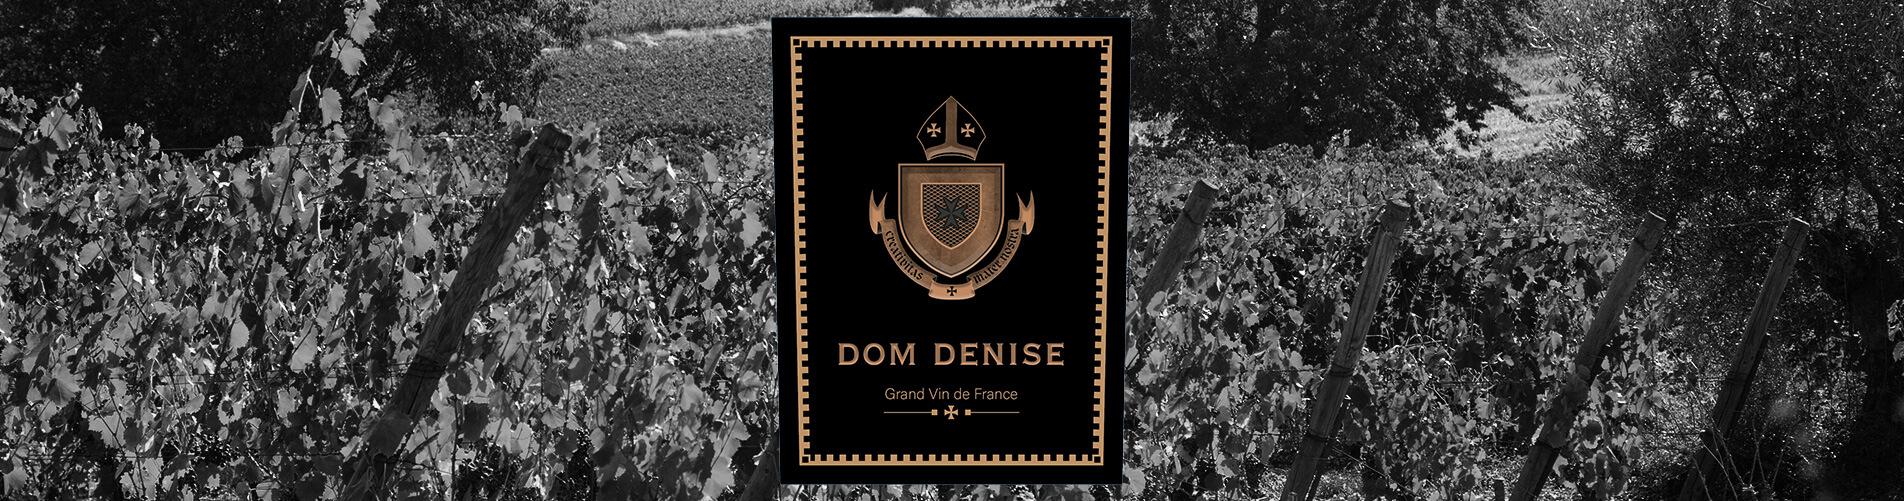 Dom Denise vin